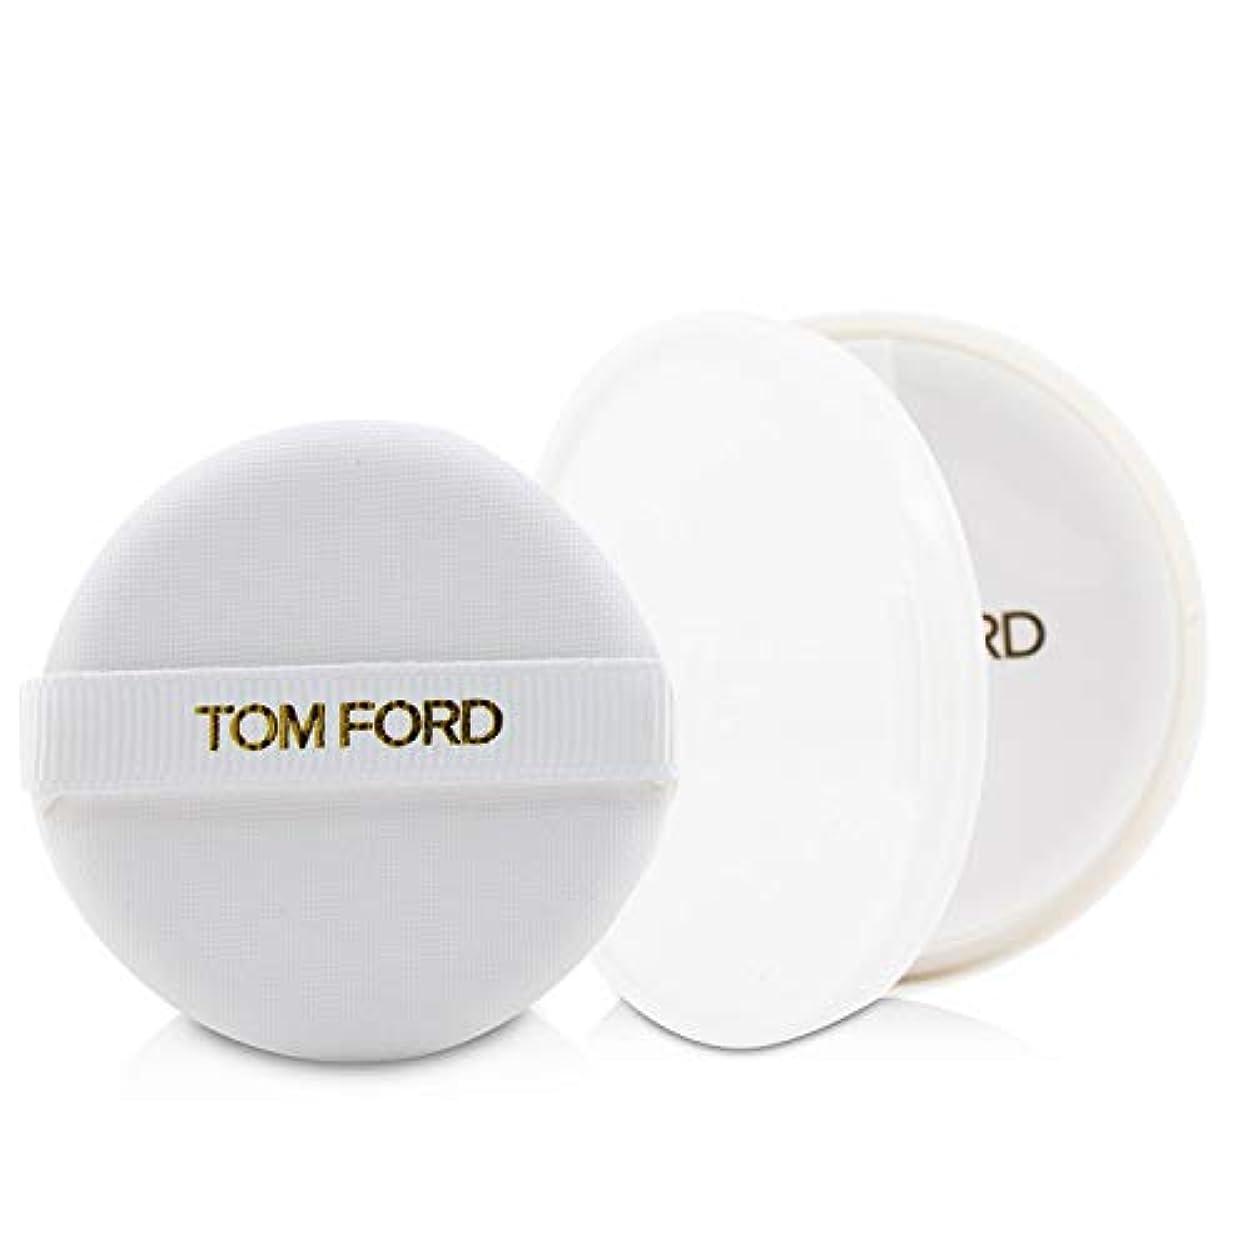 ペパーミント特殊ためにトム フォード Soleil Glow Tone Up Hydrating Cushion Compact Foundation SPF40 Refill - # 7.8 Warm Bronze 12g/0.42oz並行輸入品